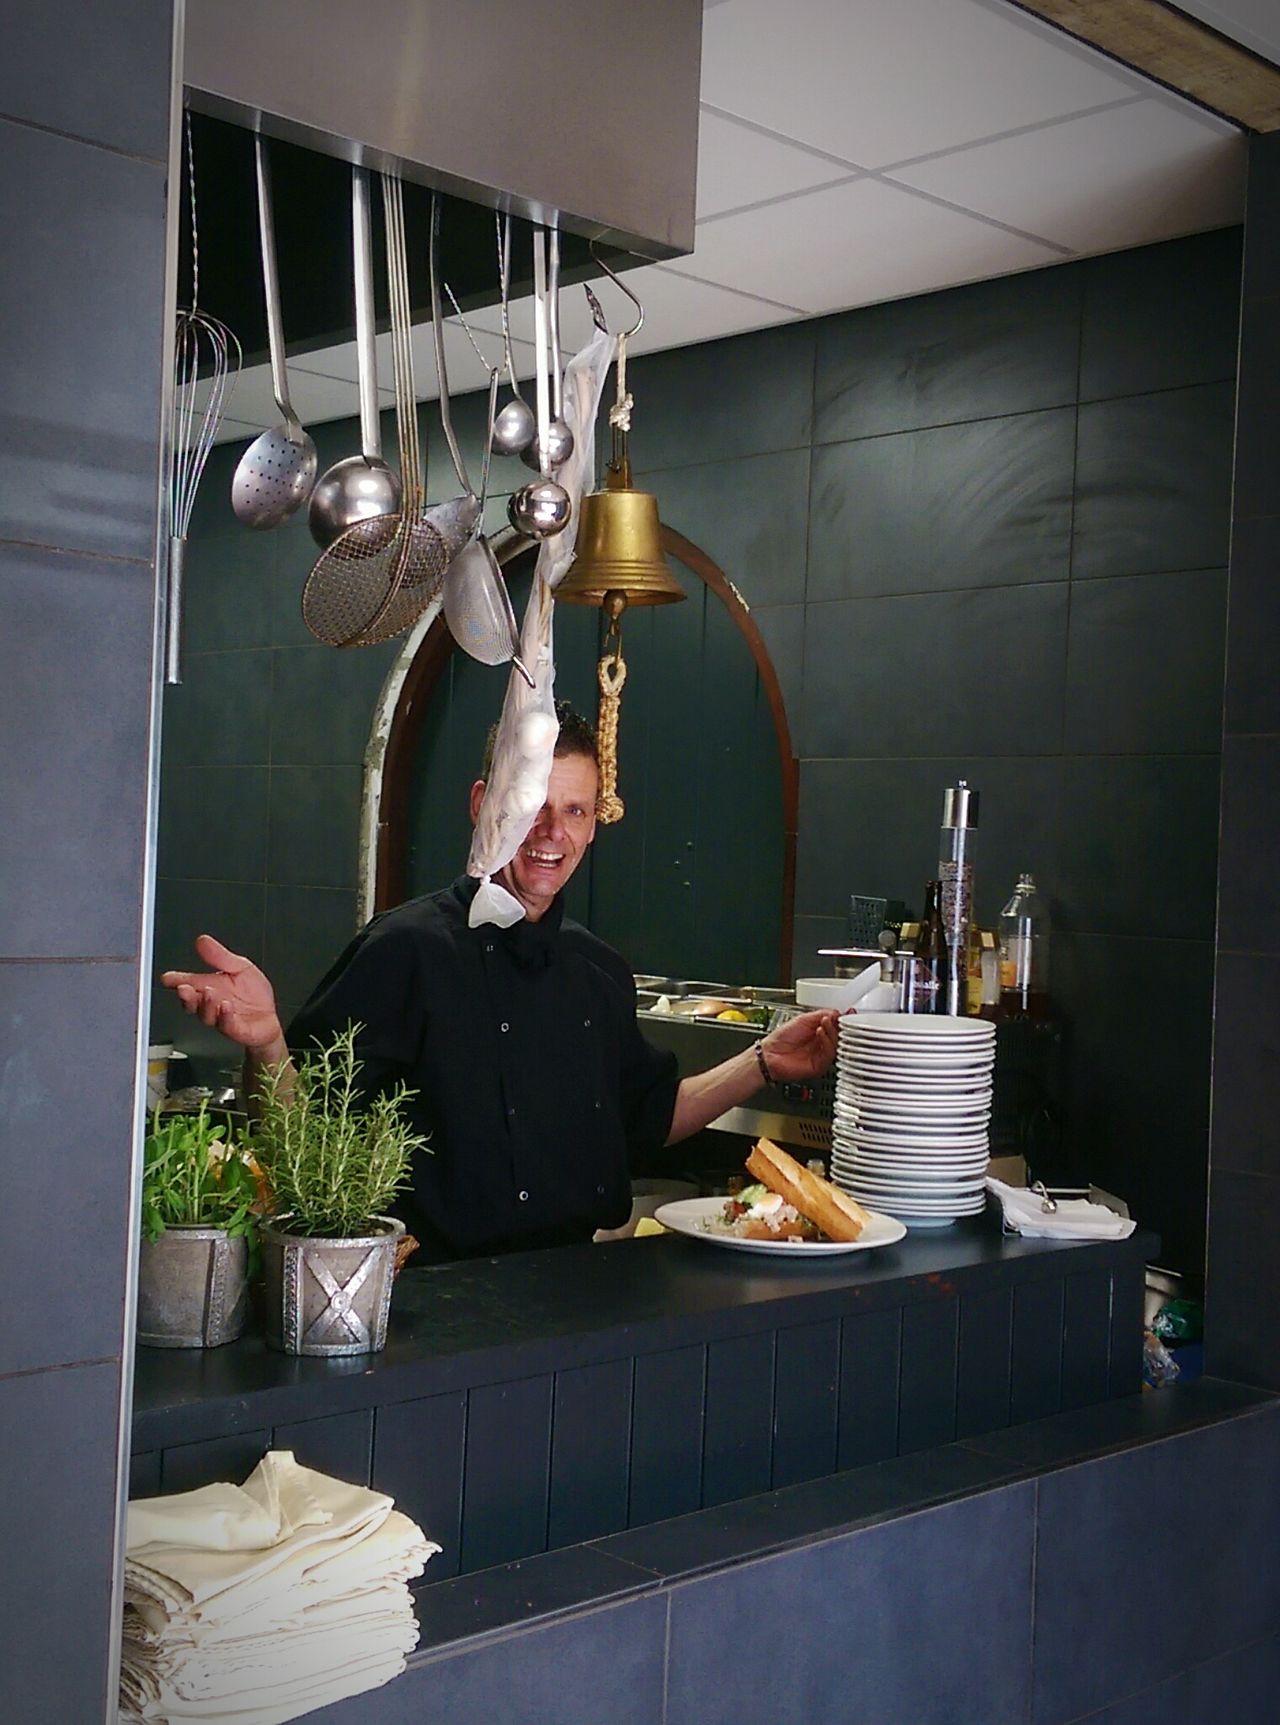 KitchenBoss In The Job cook Fresh Produce Loving His Job!! Restaurant/ partycentrum De sluis ,Weert